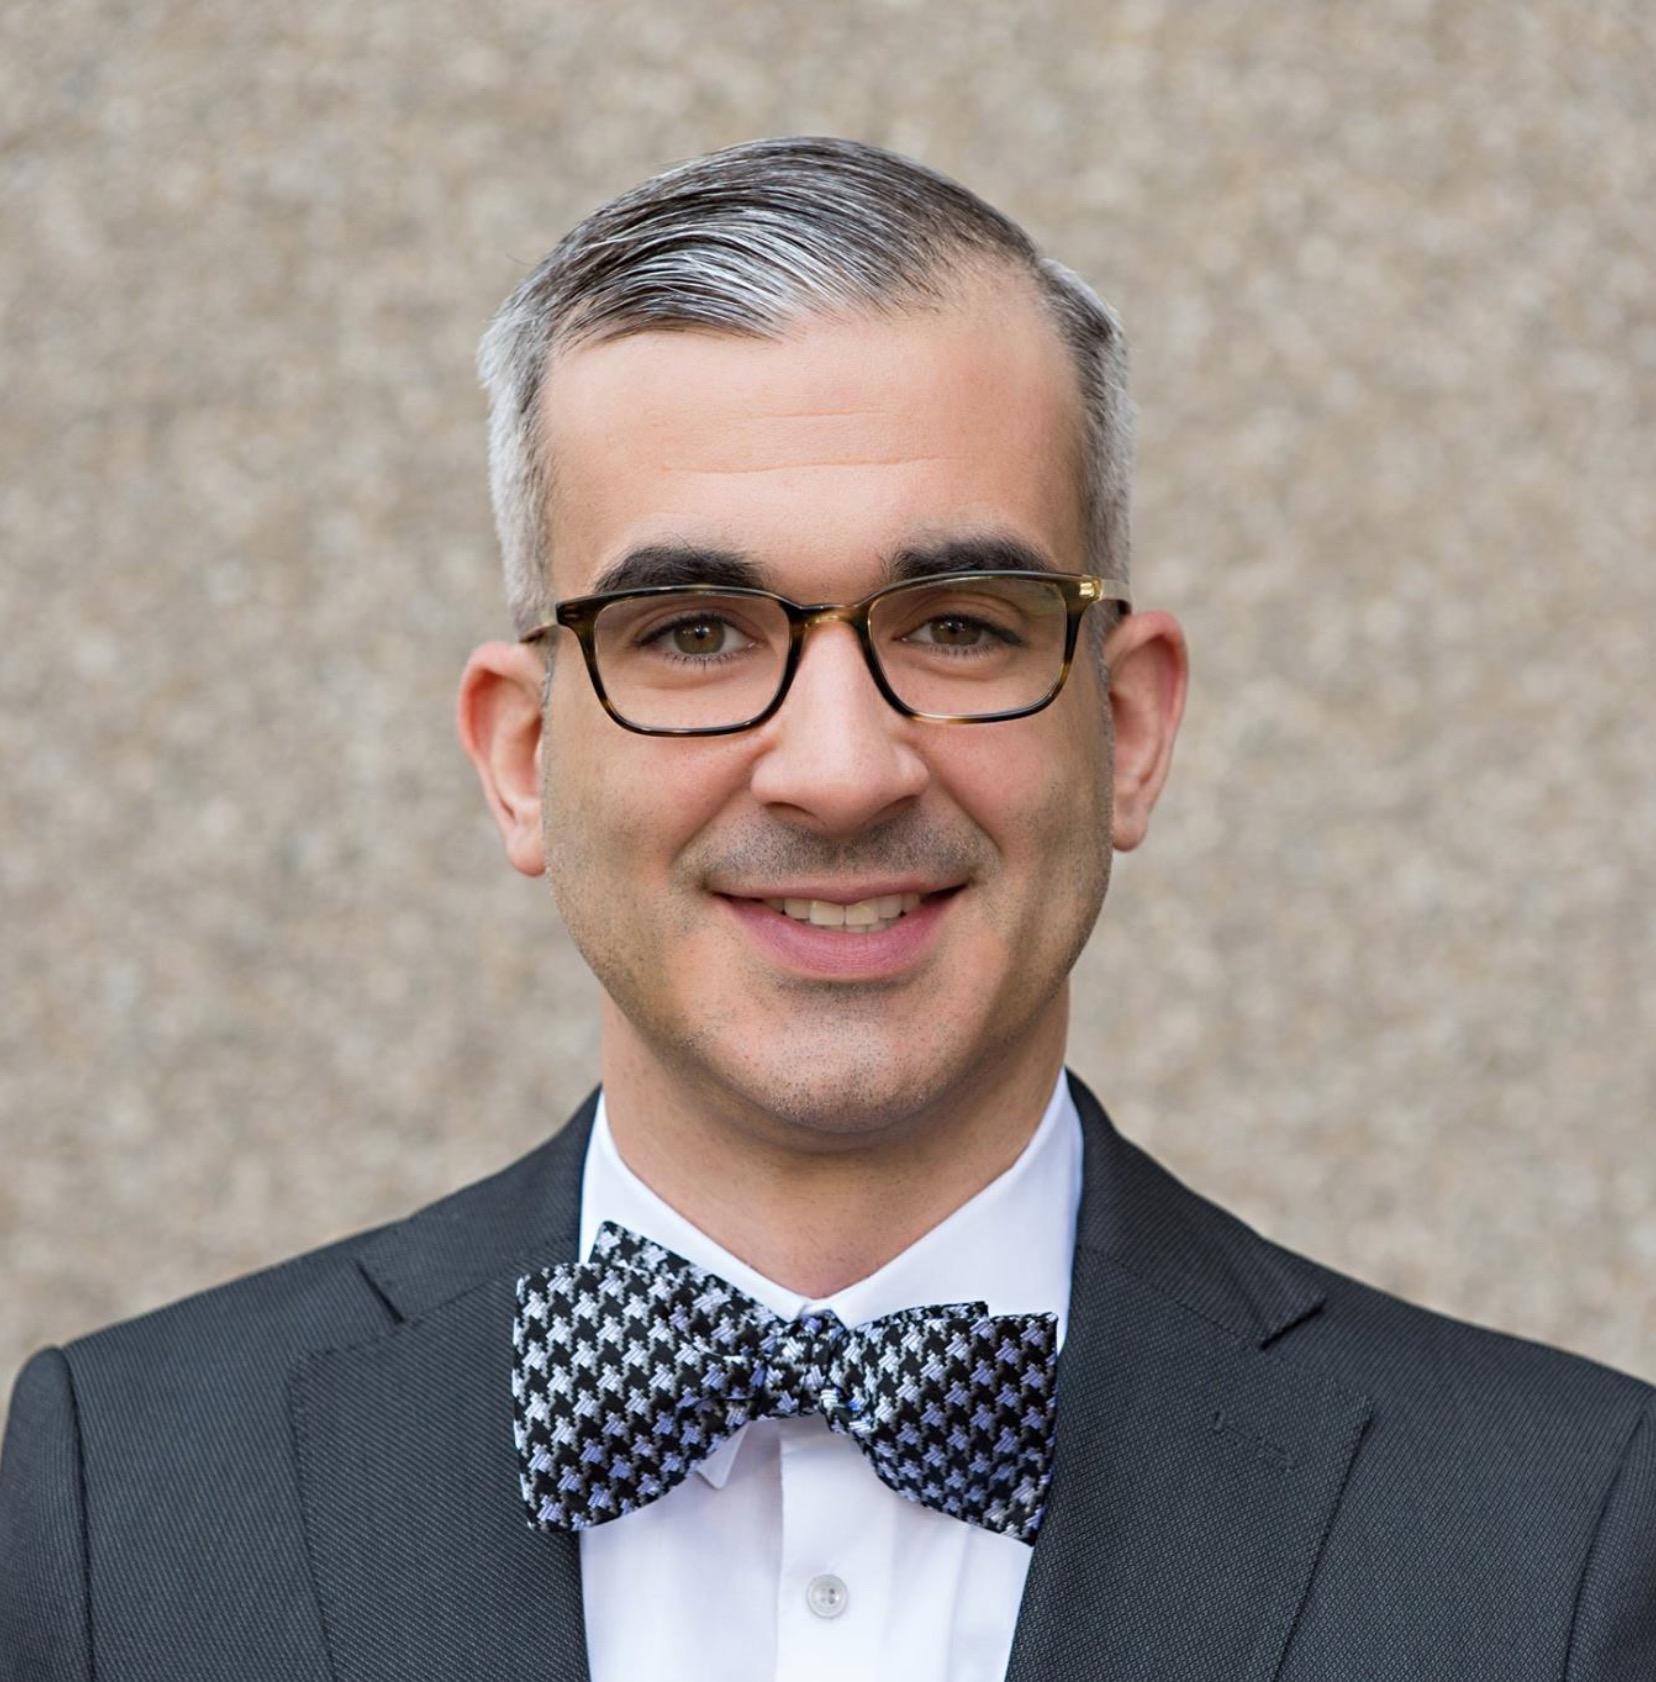 Steven M. Mandurano, MBA, CAE